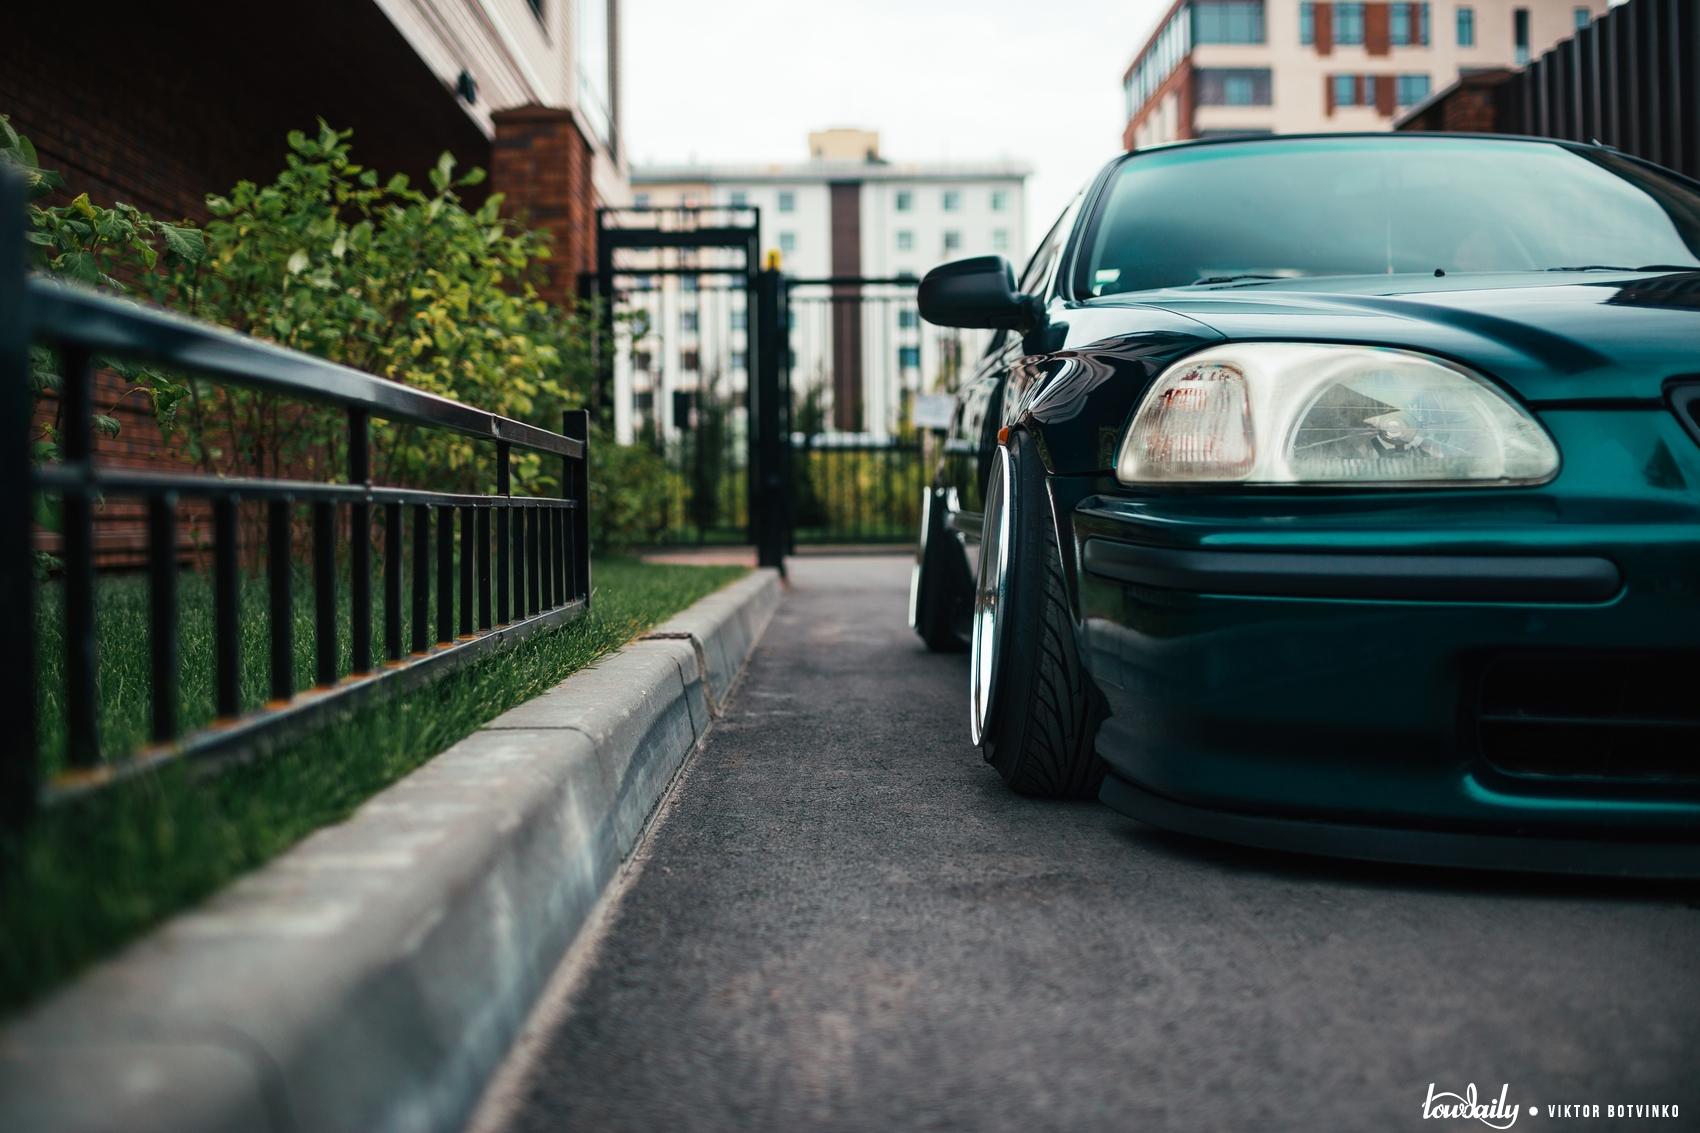 002 Honda Civic